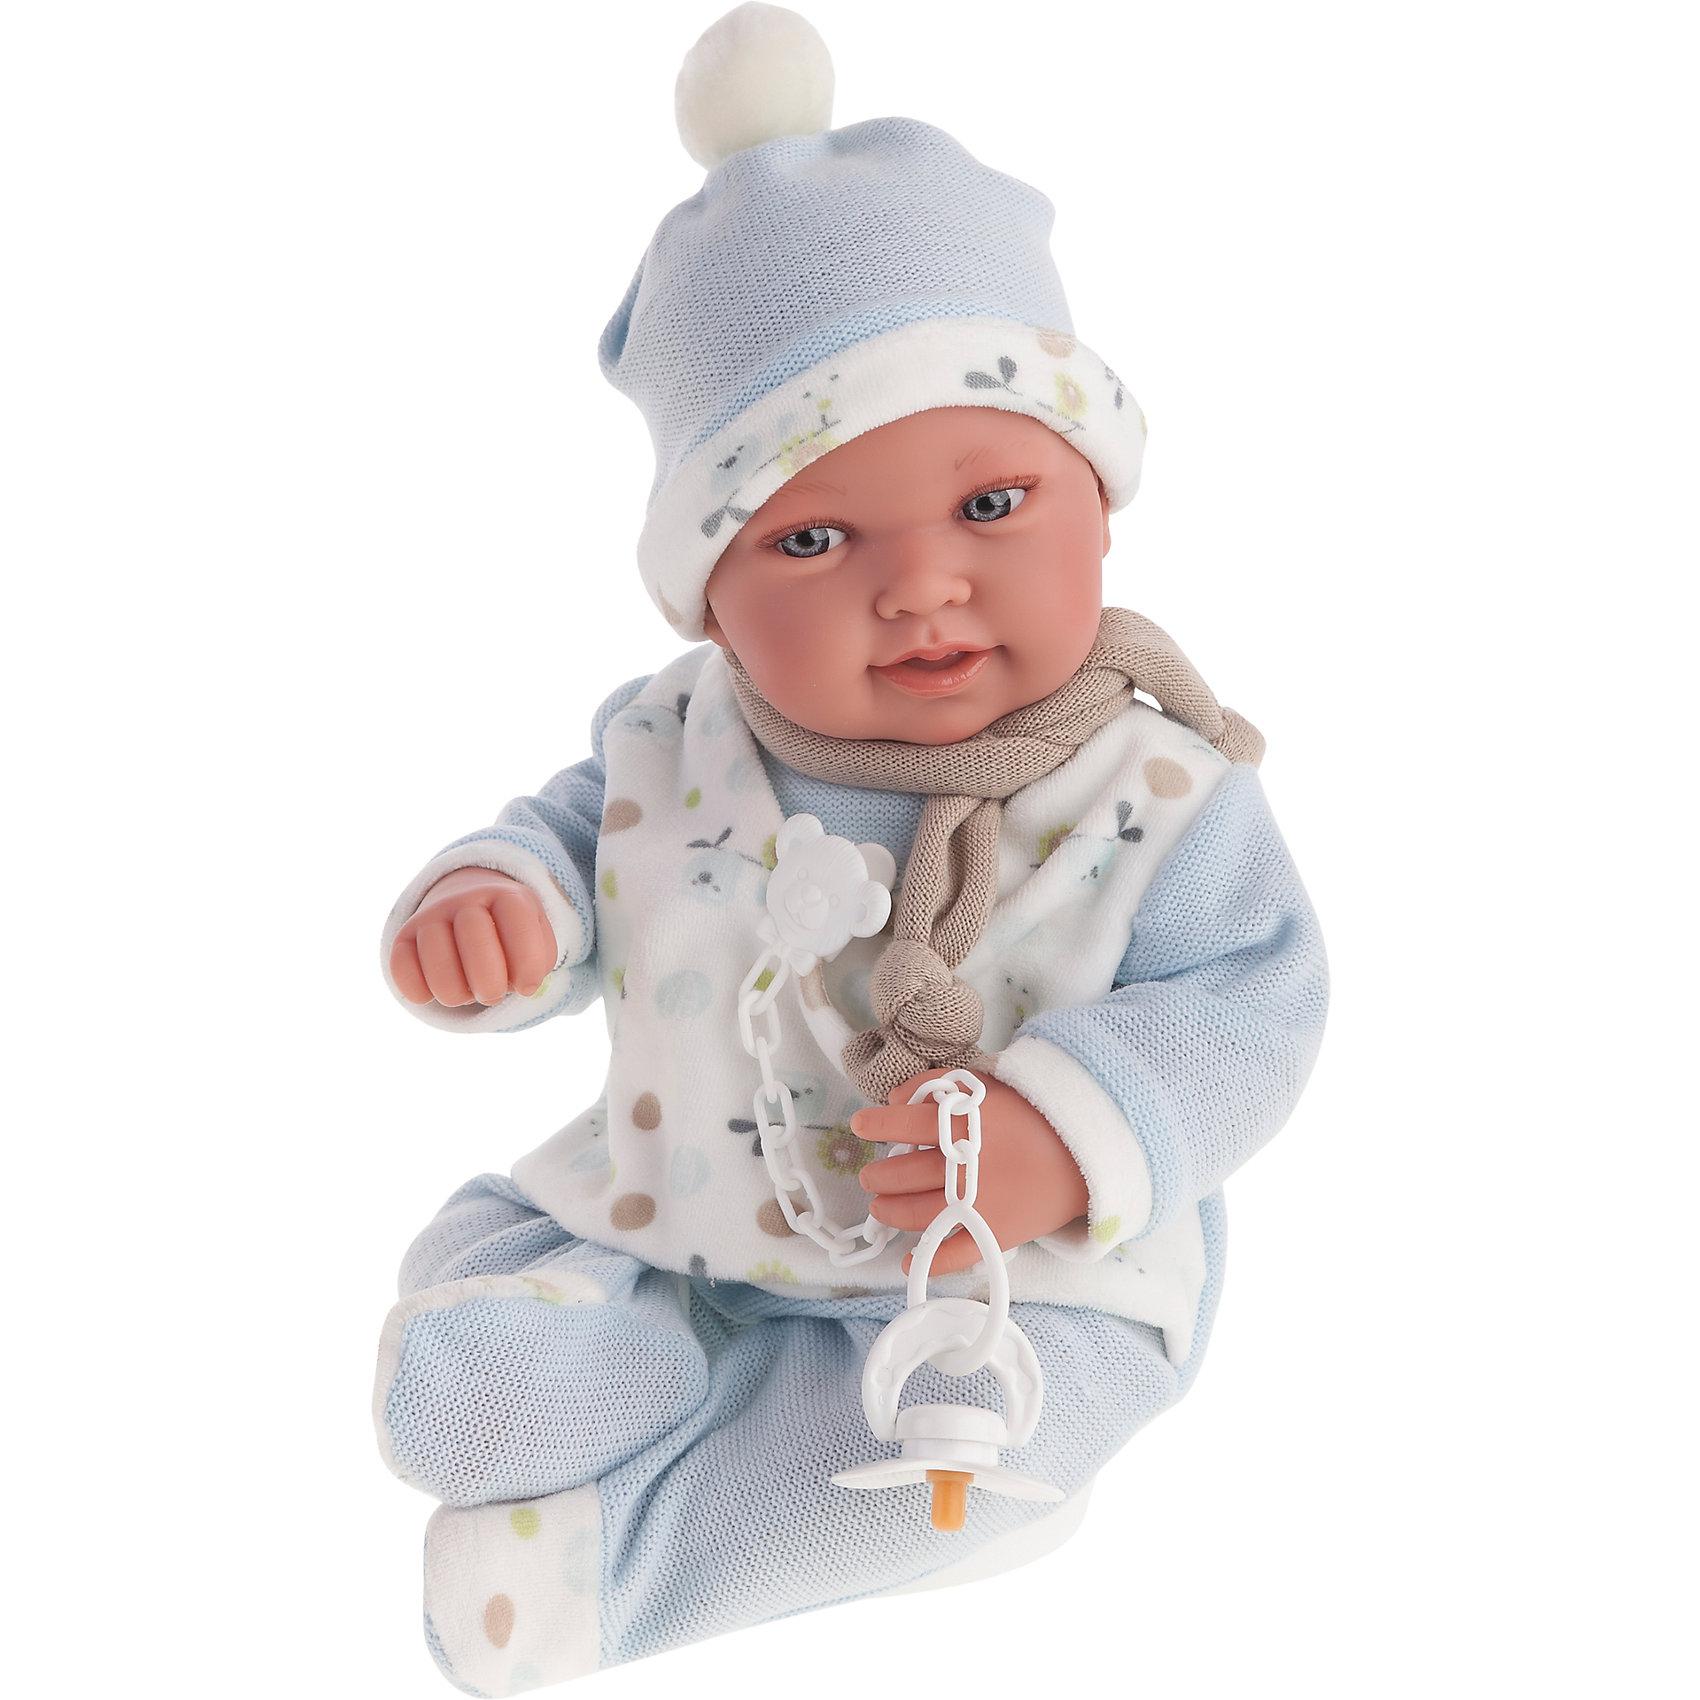 Кукла Камилло в голубом, 40 см, Munecas Antonio JuanКлассические куклы<br>Кукла Камилло в голубом, 40 см, Munecas Antonio Juan (Мунекас от Антонио Хуан) ? это очаровательный малыш от всемирно известного испанского бренда Мунекас от Антонио Хуан, который знаменит своими реалистичными куклами. Кукла изготовлена из винила высшего качества, ее тело ? мягконабивное, ручки и ножки подвижны, глазки не закрываются. <br>Выразительный взгляд голубых глазах, нежные черты лица, розовые щечки, пухленькие губки и курносый носик. Камилло умеет смеяться, если ему нажать на животик, при последующих нажатиях пупс произносит слова «мама» и «папа».<br>Кукла Камилло в голубом, 40 см, Munecas Antonio Juan (Мунекас от Антонио Хуан) разработана с учетом анатомических особенностей и мимики младенцев. Играя с пупсом, ваш ребенок реалистично проживает роль «мамы», учится ухаживать за малышом, заботиться о нем.<br>В комплекте с куклой идет соска, если ее достать из ротика ? малыш начинает плакать. Малыша Камилло можно смело брать с собой на прогулку: у него теплый дизайнерский комплект одежды, шапочка и теплый шарфик. Весь комплект одежды и его продуманные детали направлены на то, чтобы способствовать формированию чувства стиля и вкуса в одежде у вашей девочки.<br>Куклы JUAN ANTONIO munecas (Мунекас от Антонио Хуан) ? мечта девочки любого возраста!<br><br>Дополнительная информация:<br><br>- Вид игр: сюжетно-ролевые игры <br>- Дополнительные функции: смеется, произносит «мама» и «папа»<br>- Комплектация: кукла, соска<br>- Материал: пластик, винил, текстиль<br>- Высота куклы: 40 см<br>- Вес: 3 кг 300 г<br>- Особенности ухода: одежда ? ручная стирка, саму куклу мыть не рекомендуется <br><br>Подробнее:<br><br>• Для детей в возрасте: от 3 лет и до 6 лет<br>• Страна производитель: Испания<br>• Торговый бренд: JUAN ANTONIO munecas <br><br>Куклу Камилло в голубом, 40 см, Munecas Antonio Juan (Мунекас от Антонио Хуан) (Мунекас от Антонио Хуан) можно купить в нашем интернет-магазине.<br><br>Ширина мм: 5